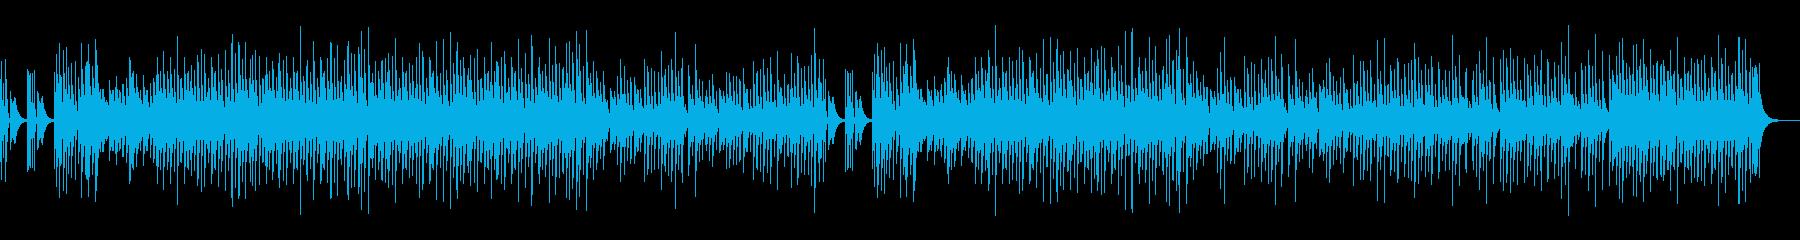 木琴のスイート&ビターな楽曲の再生済みの波形